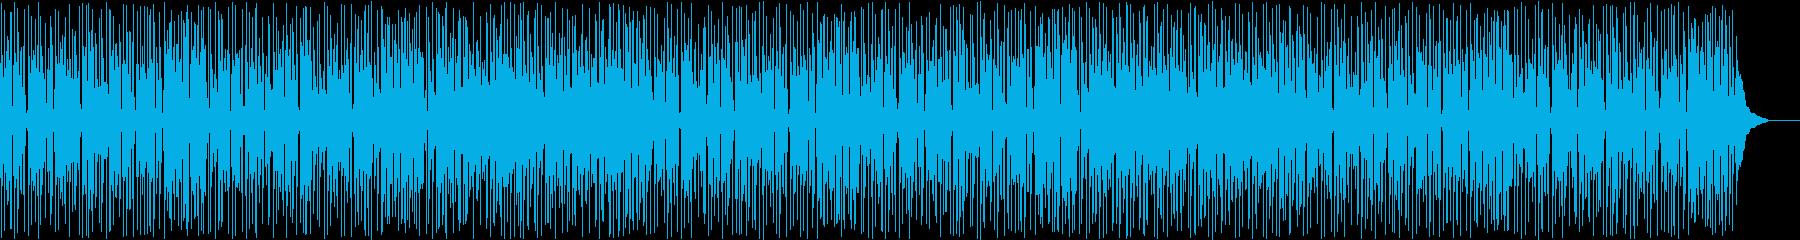 楽しく陽気なジプシージャズの再生済みの波形